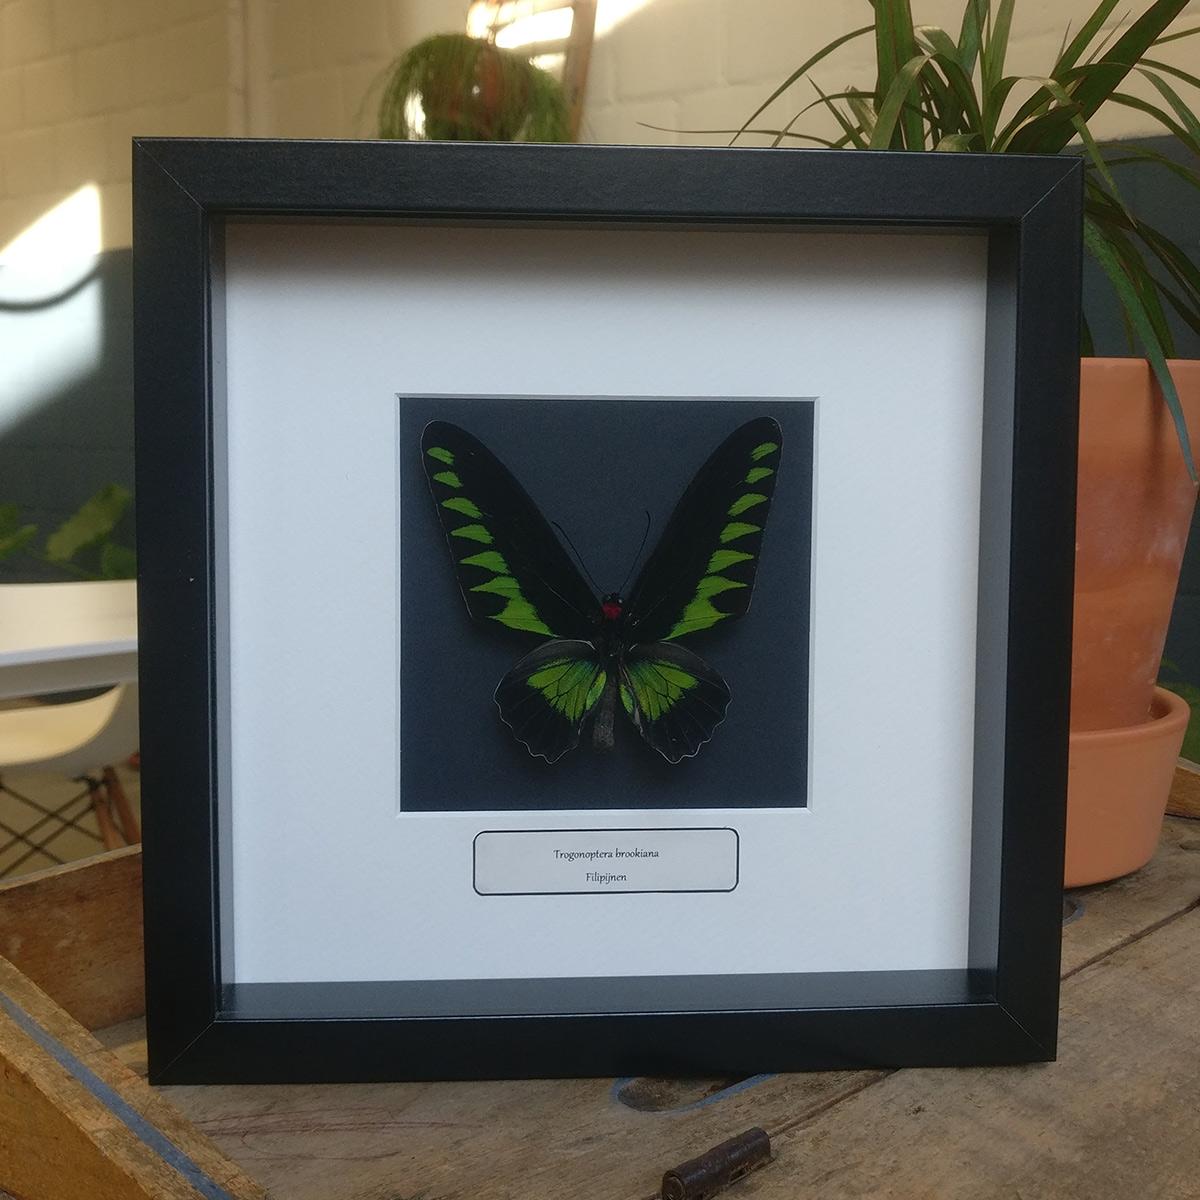 2. Ingekaderde vlinders